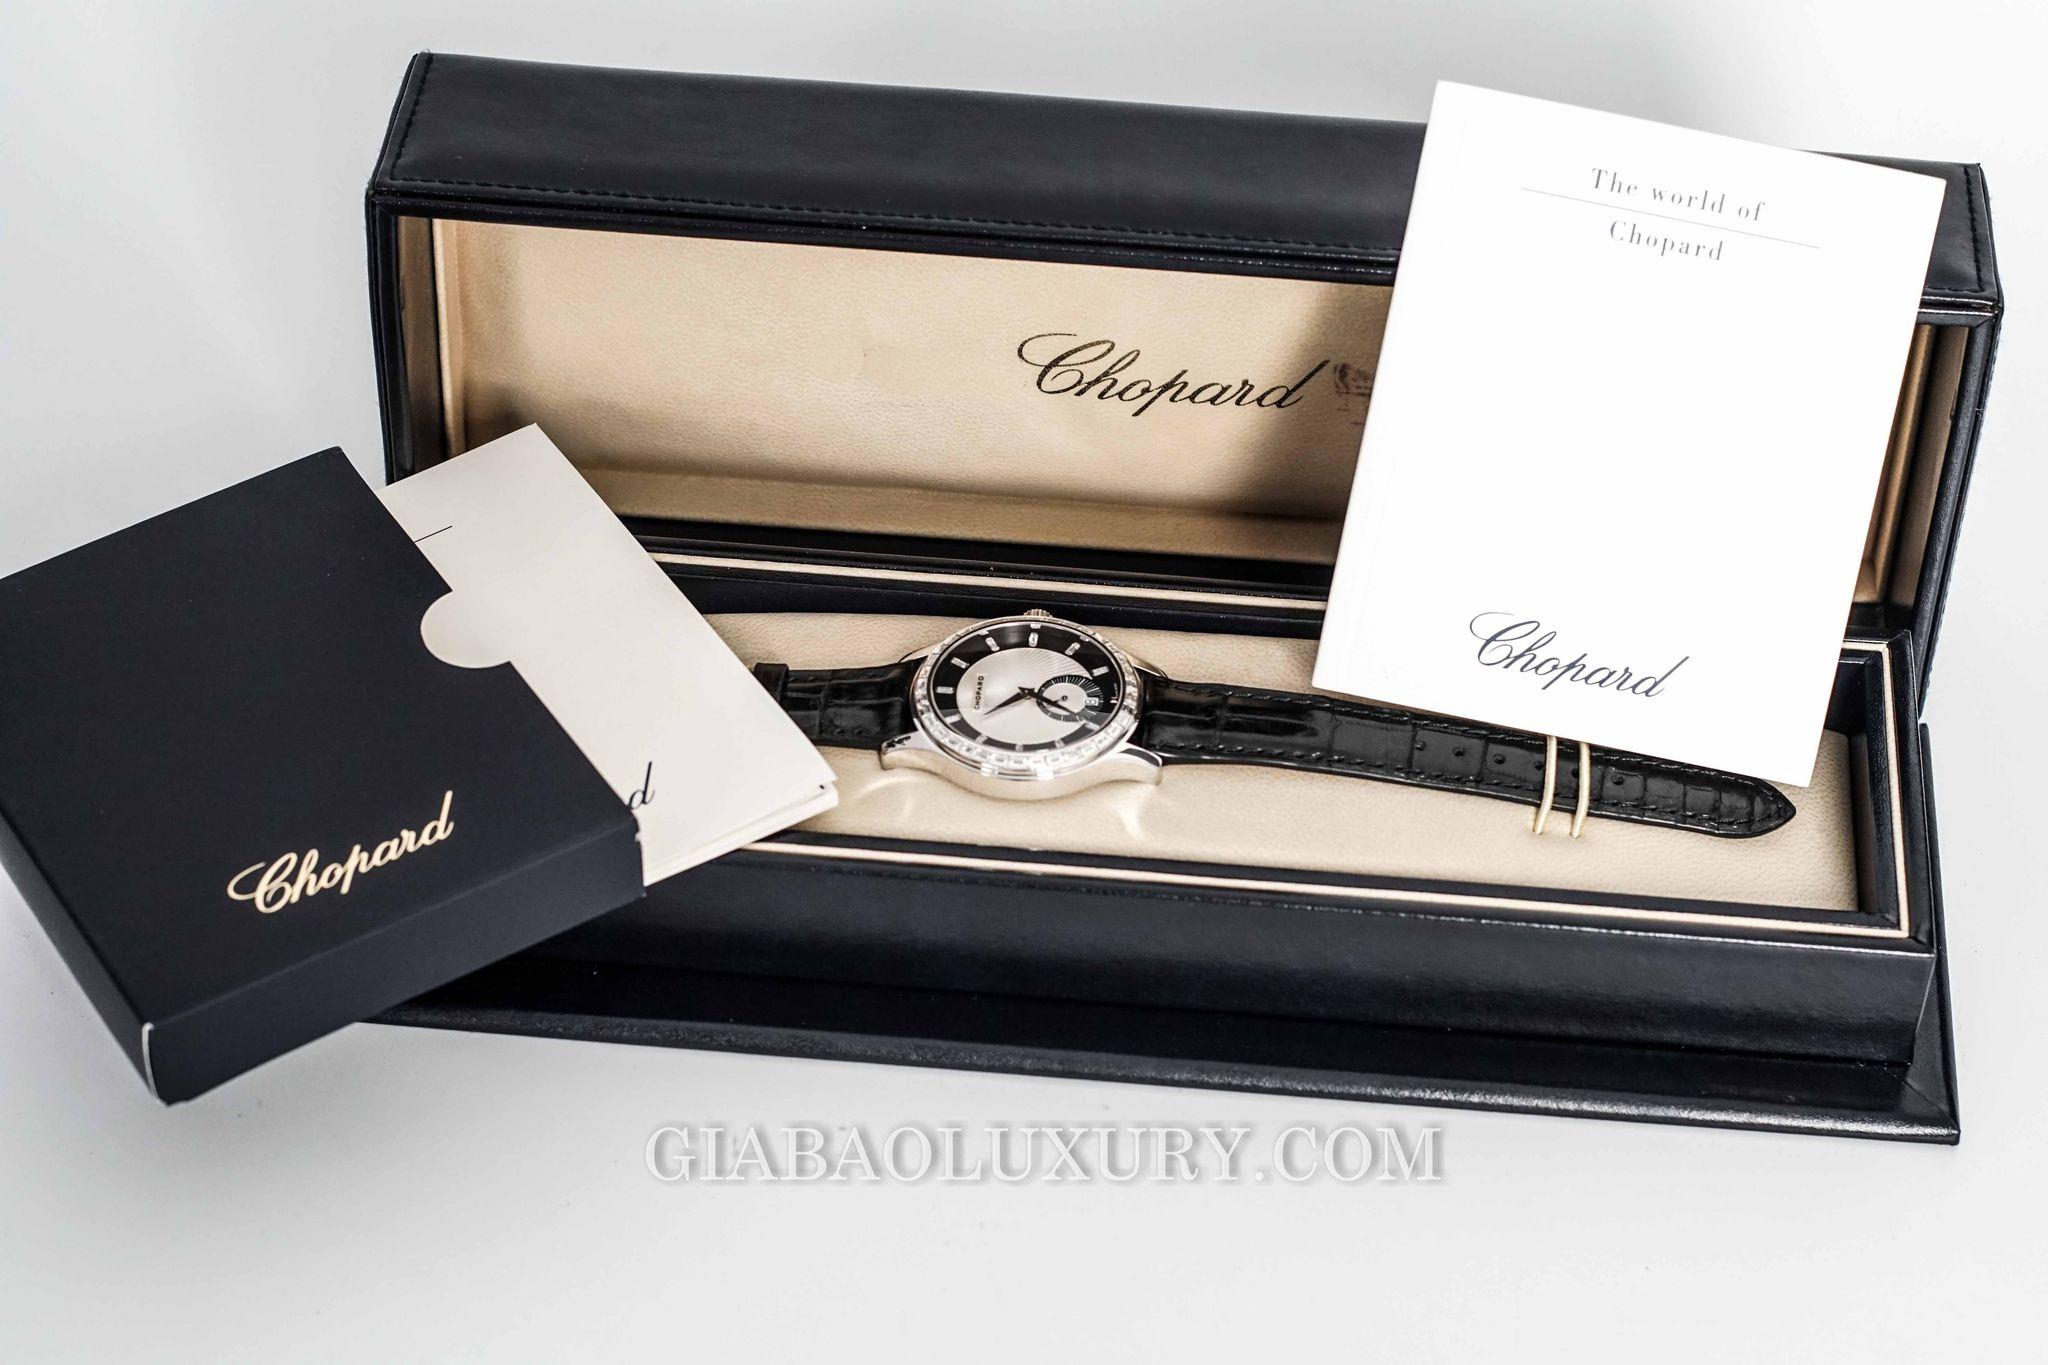 Gia Bảo Luxury nhận thu mua đồng hồ Chopard L.U. C chính hãng trên toàn quốc